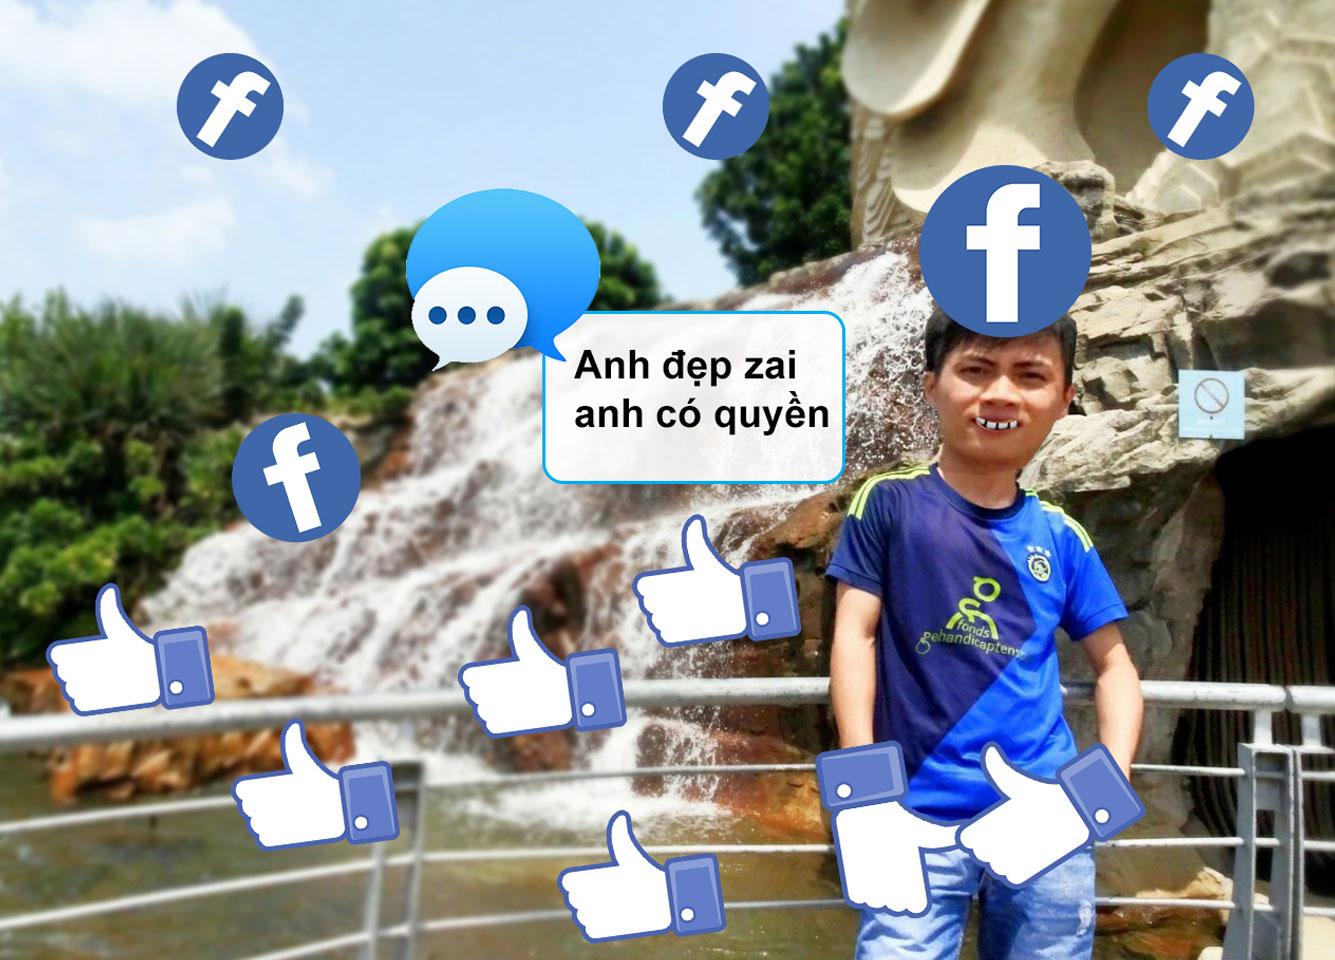 Avatar PHAM THANH SANG